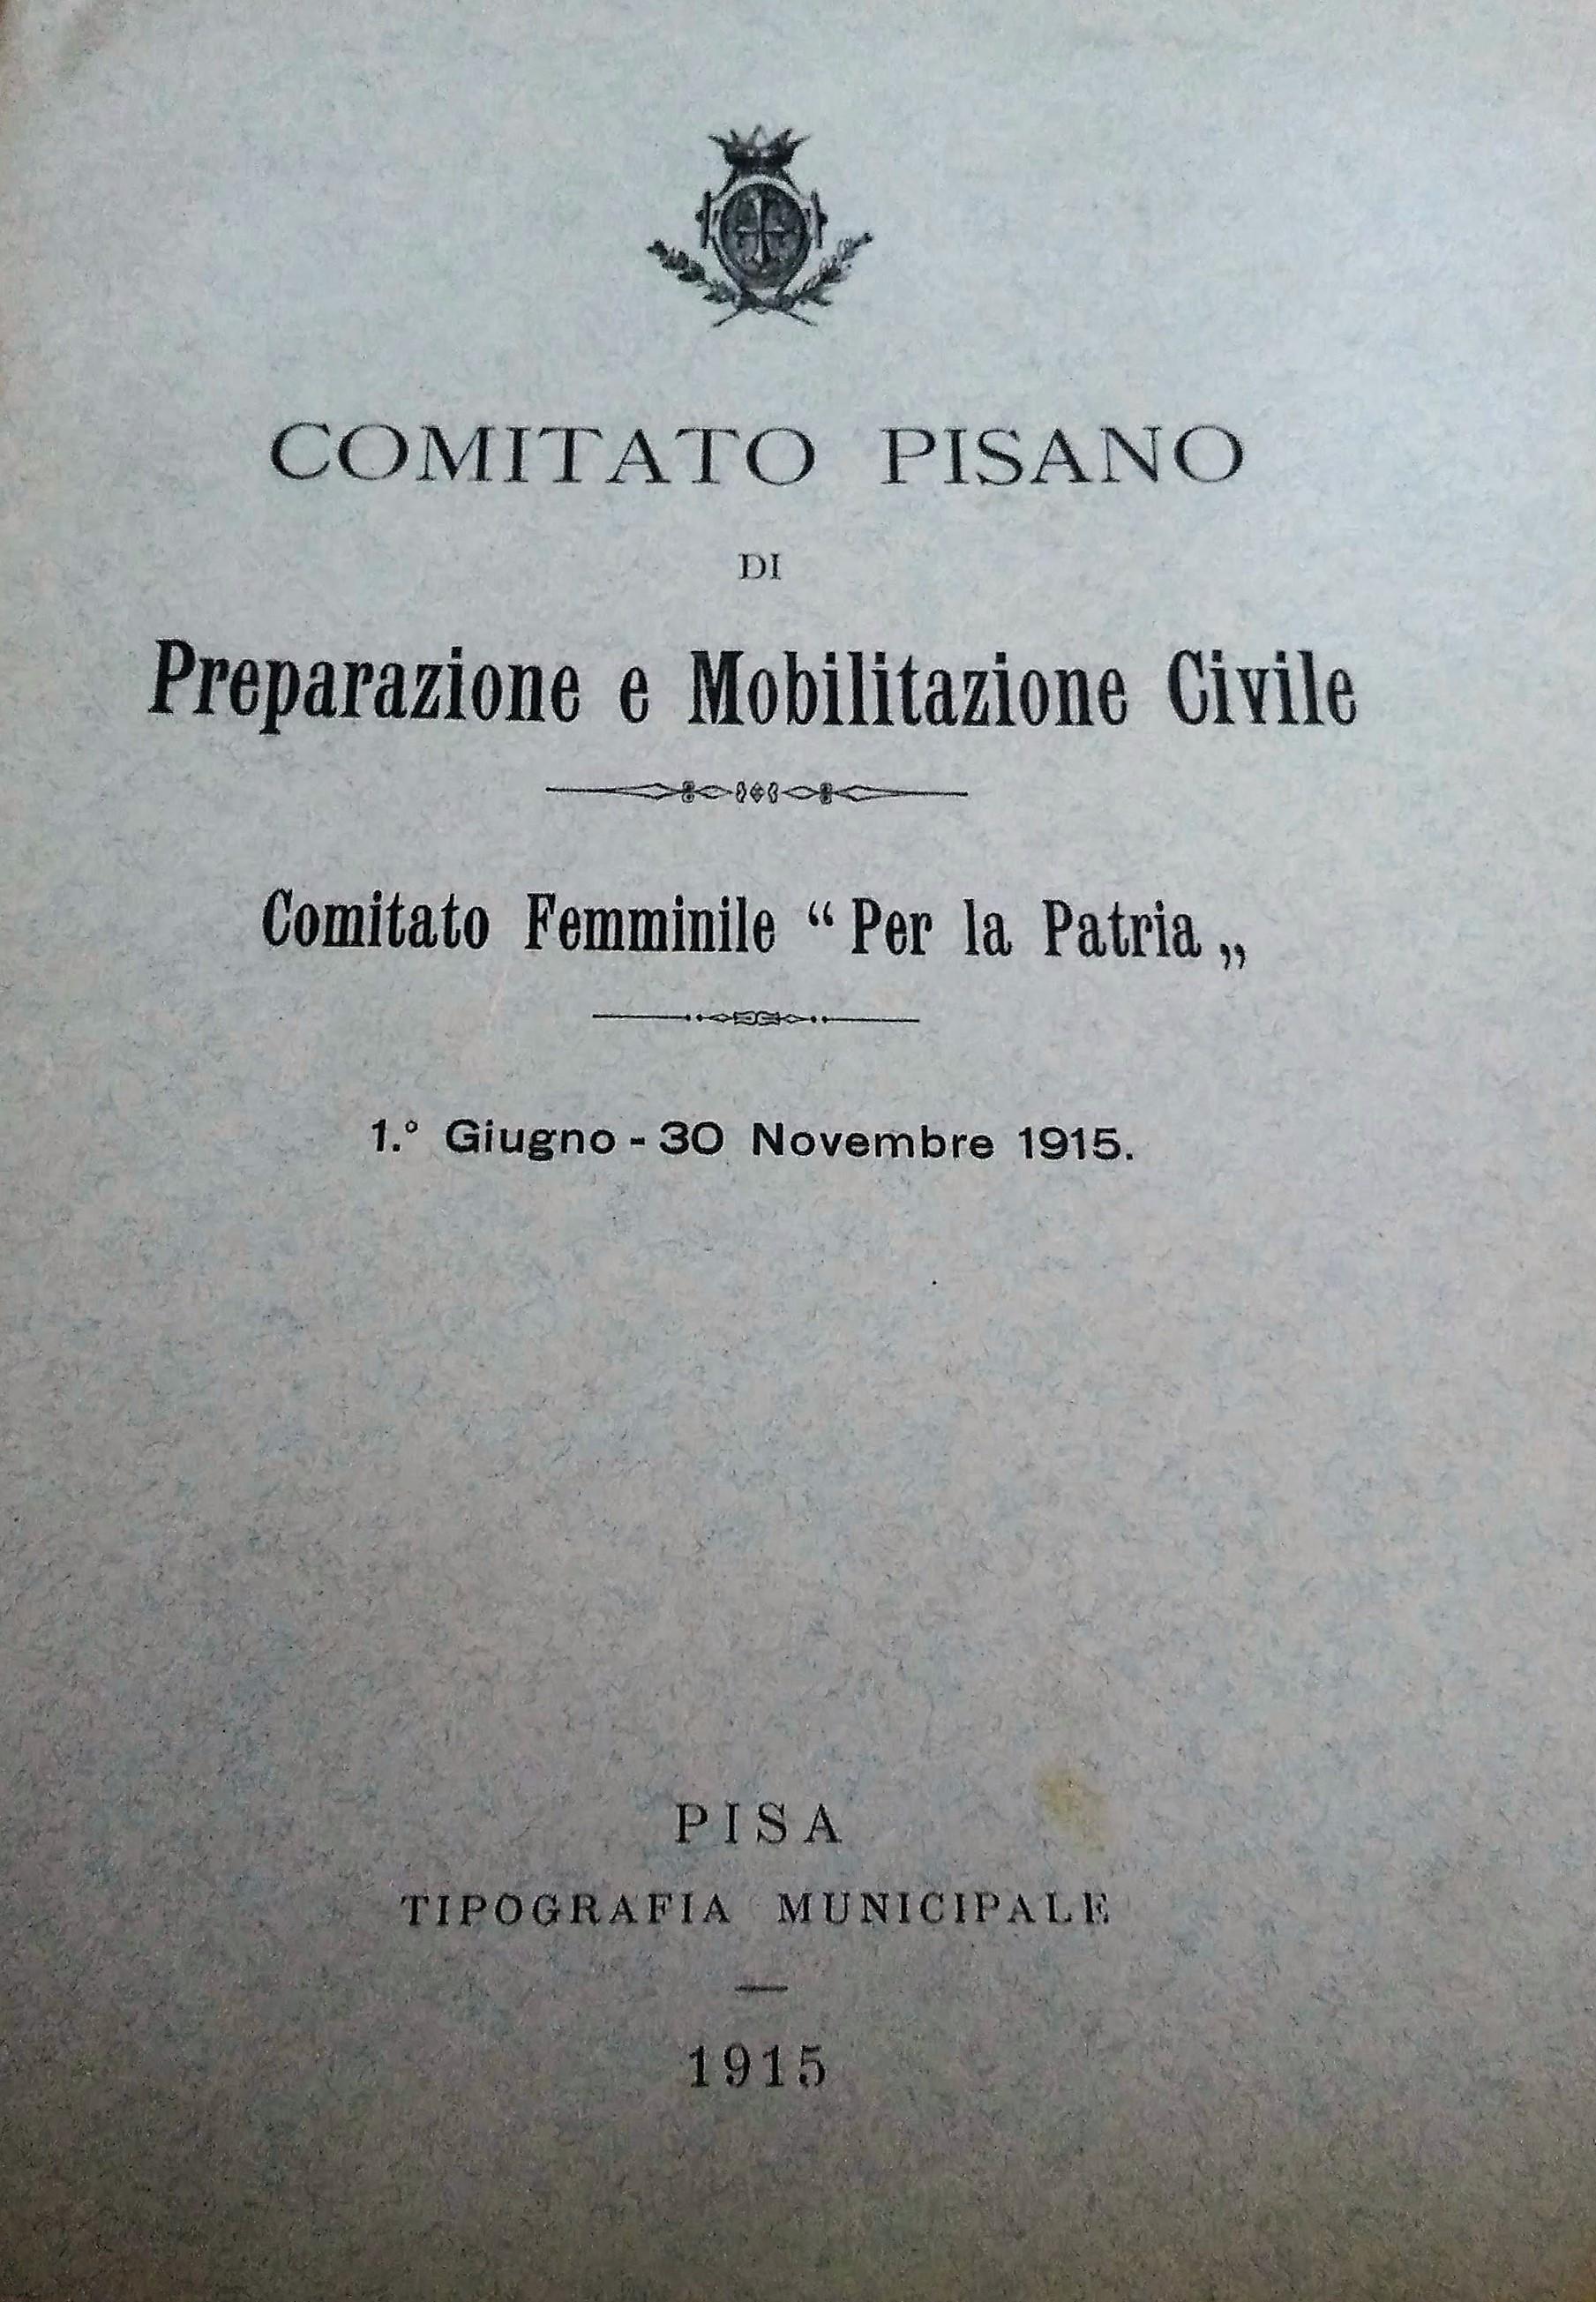 Frontespizio dell'opuscolo Comitato Pisano di preparazione e mobilitazione civile. Comitato femminile per la patria, Pisa, Tip. Municipale, 1915.